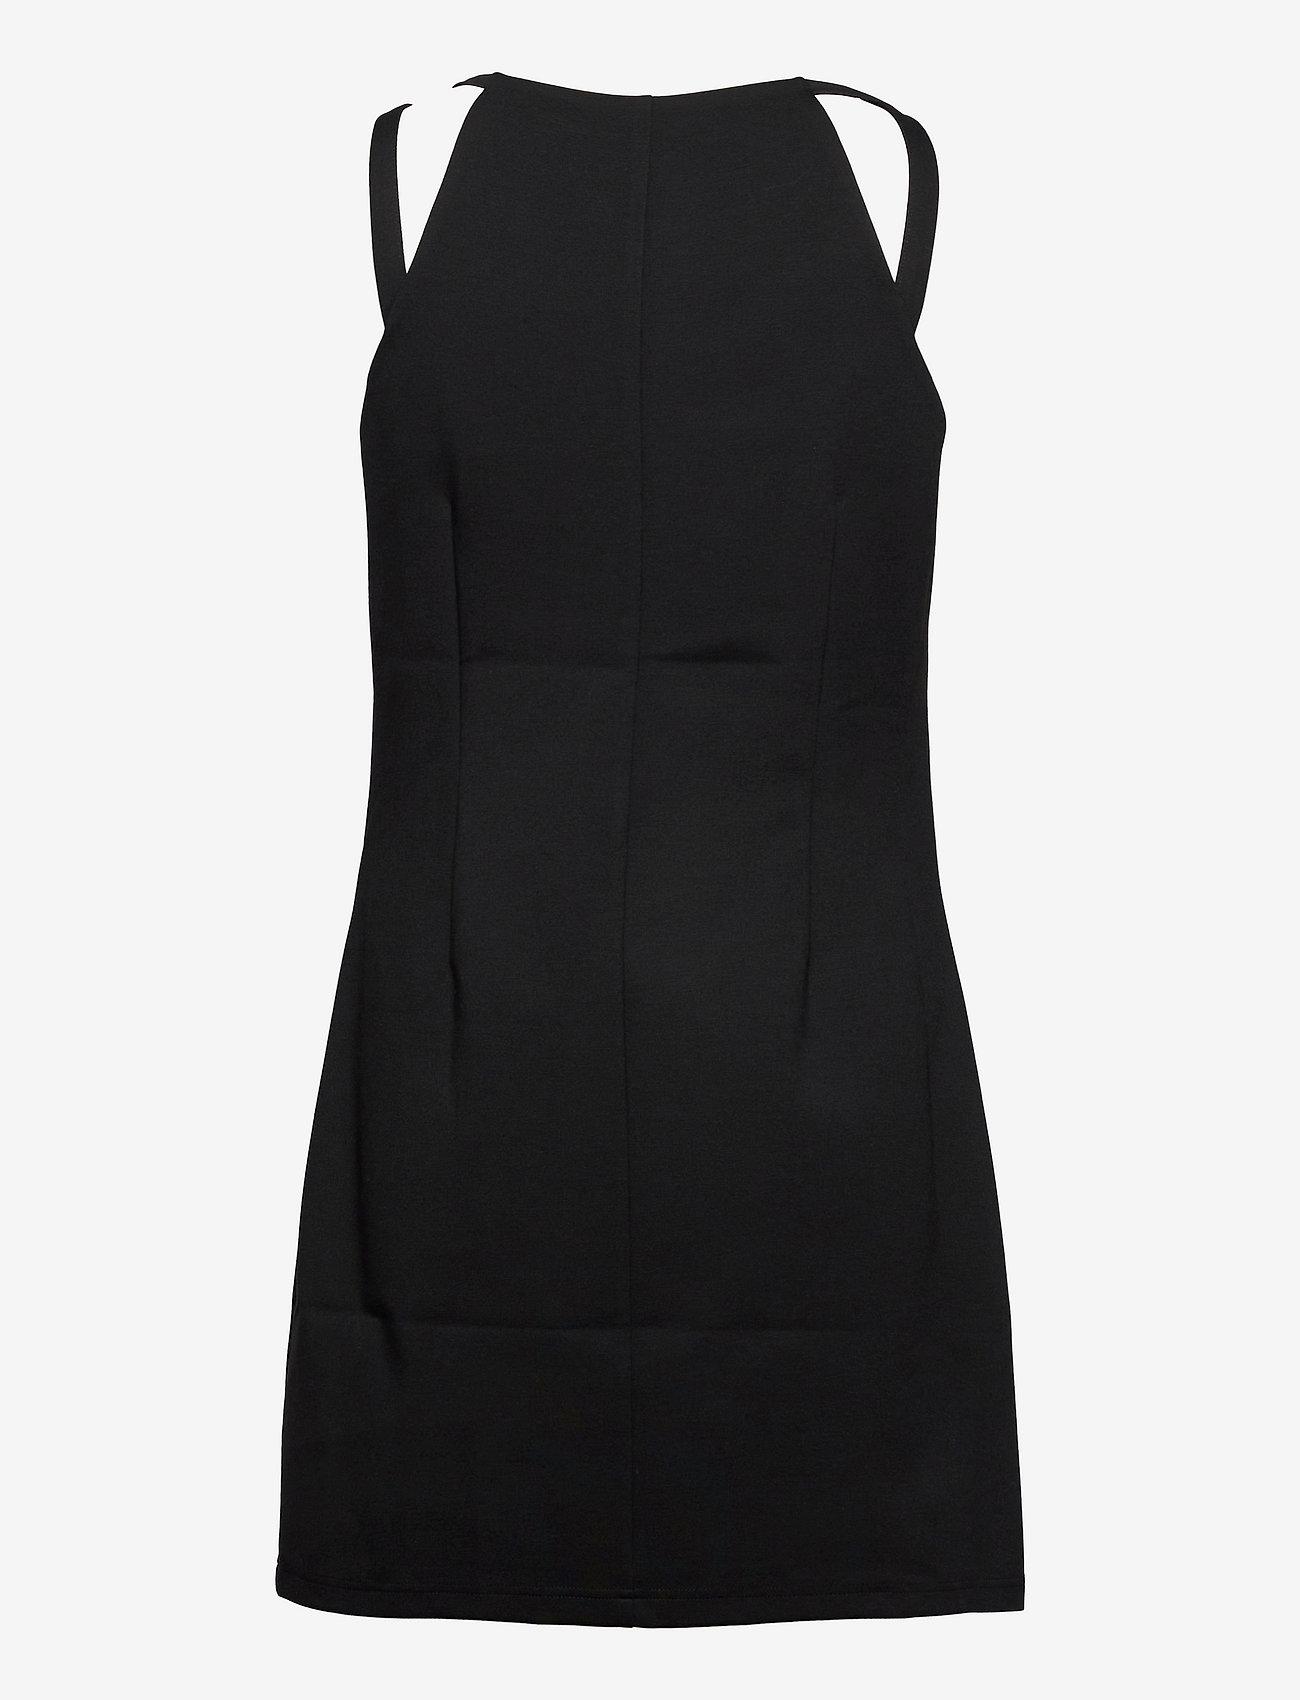 Calvin Klein Jeans - SIDE LOGO MILANO STRAPPY DRESS - sommerkjoler - ck black - 1